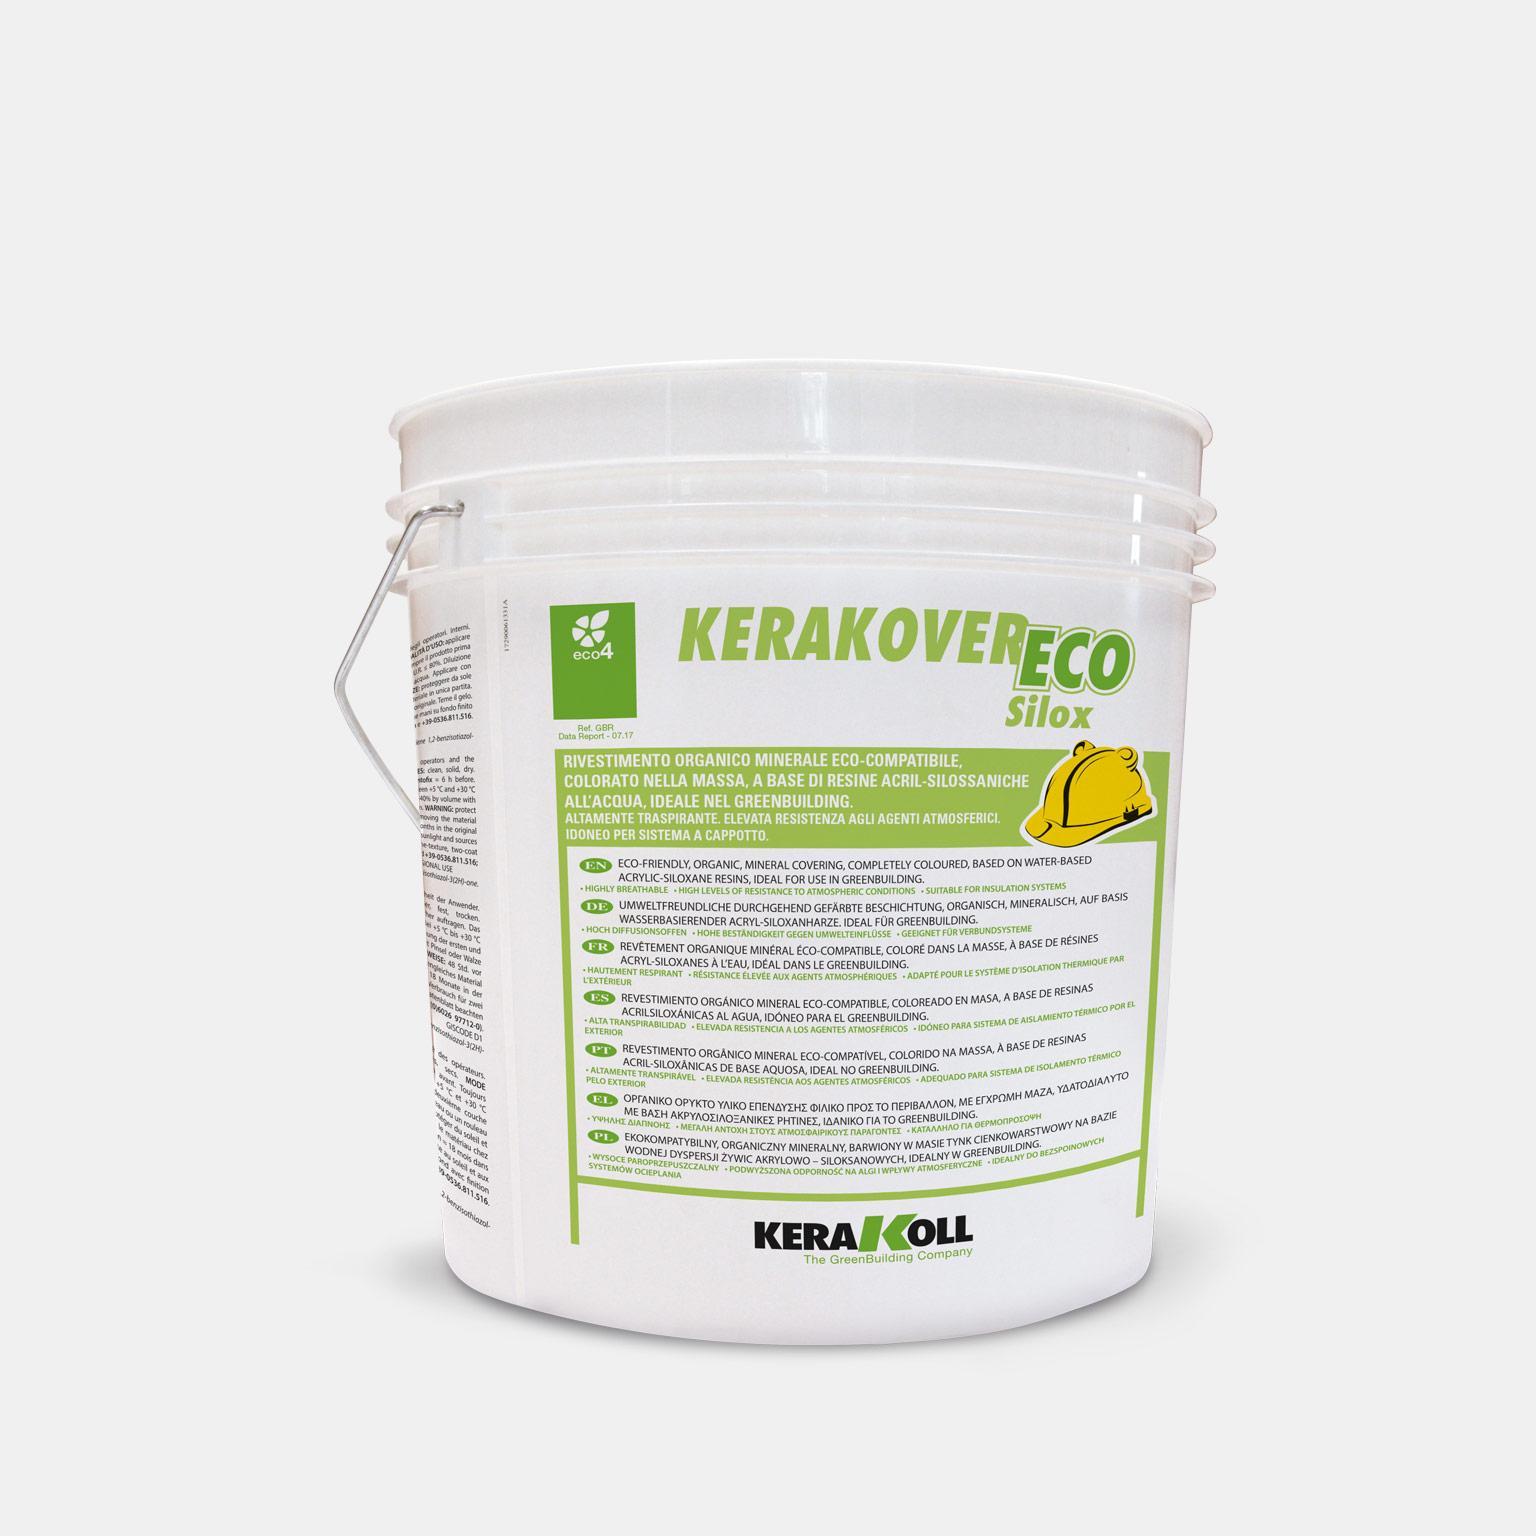 Kerakover eco silox